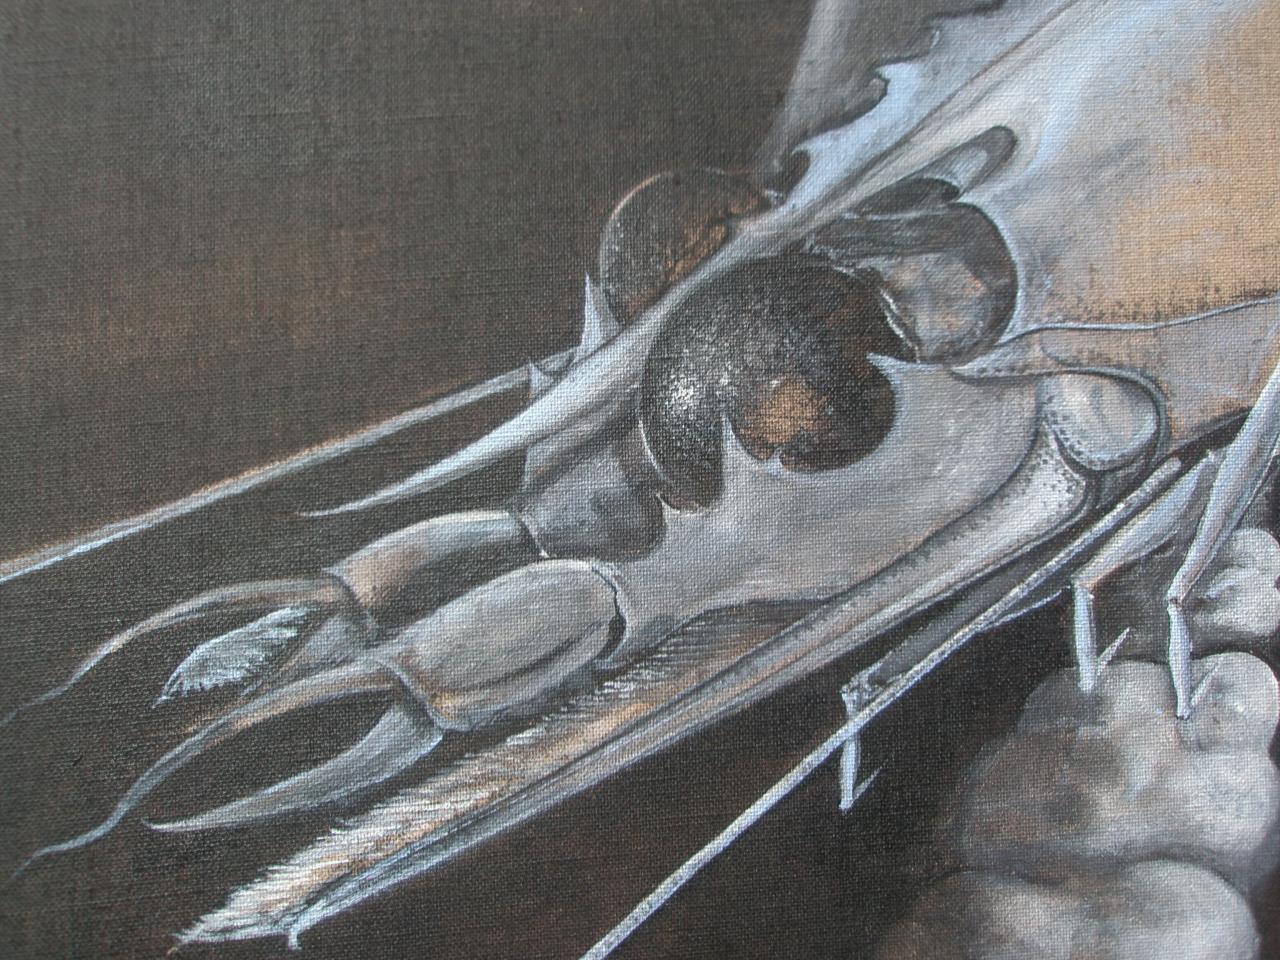 Céphalée de crevette